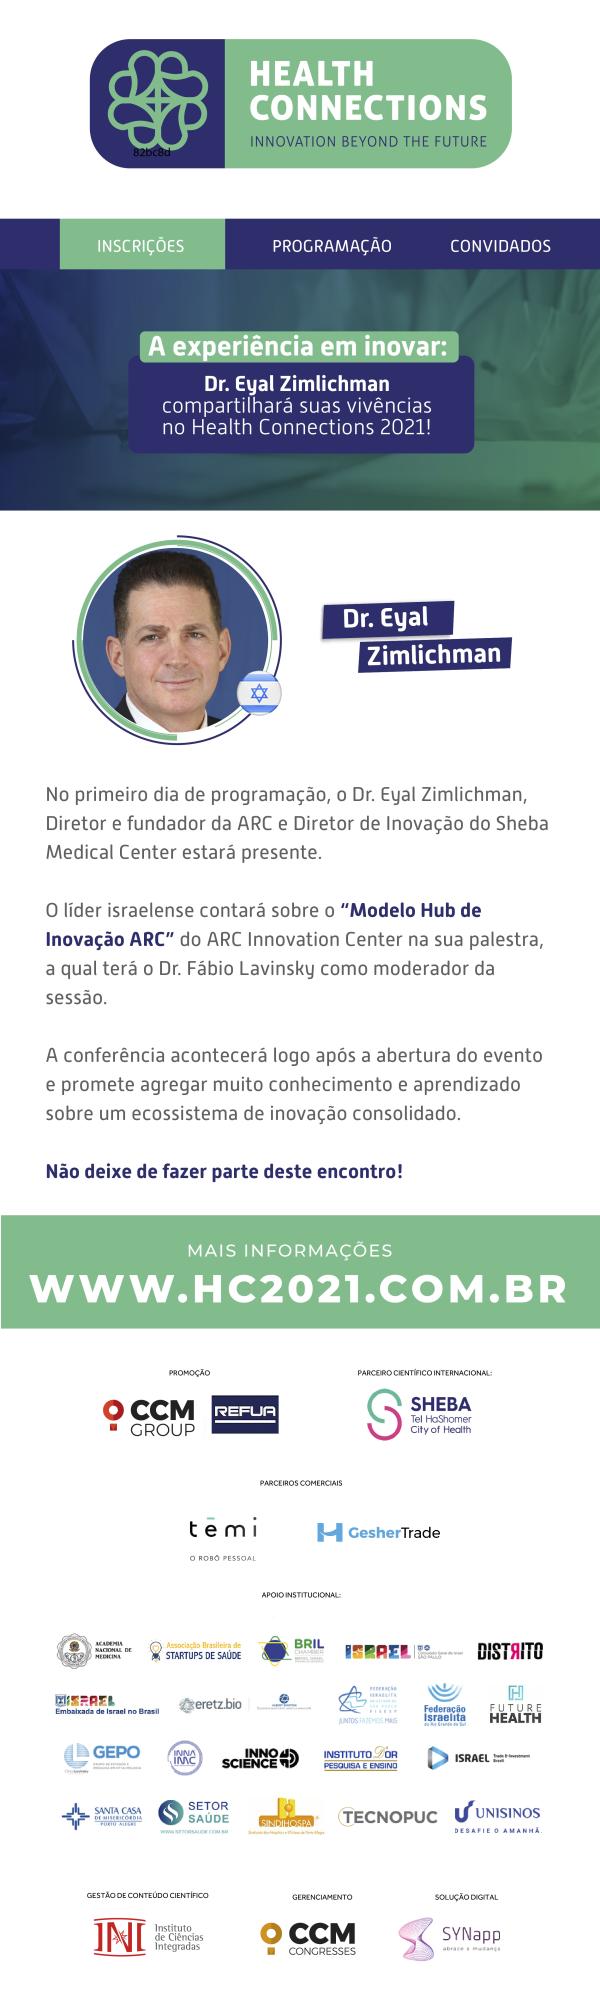 Tecnologia, inovação e empreendedorismo na área da saúde é tema do Health Connections 2021